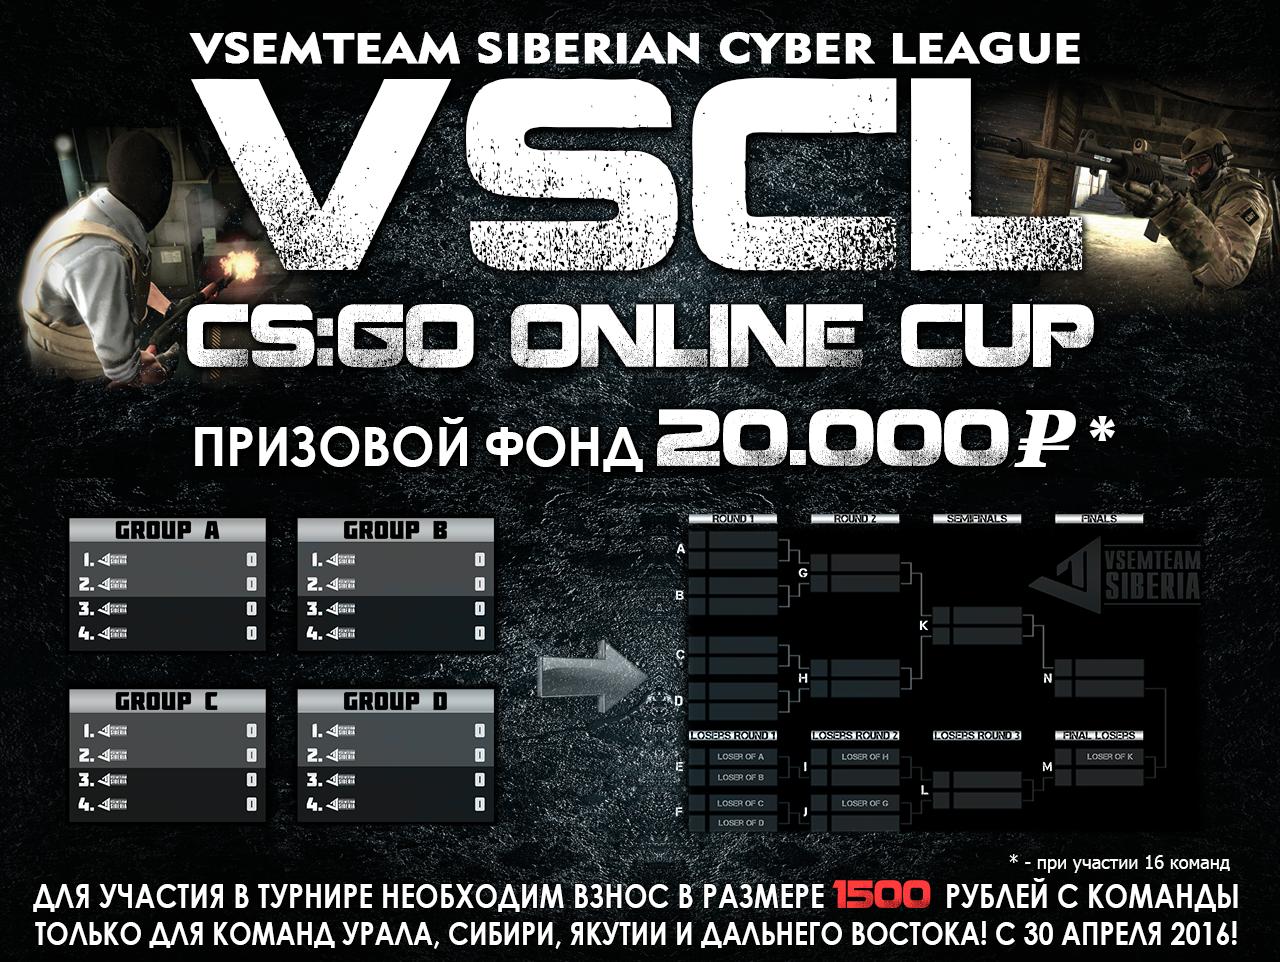 1280х1024_csgo_online_cup4